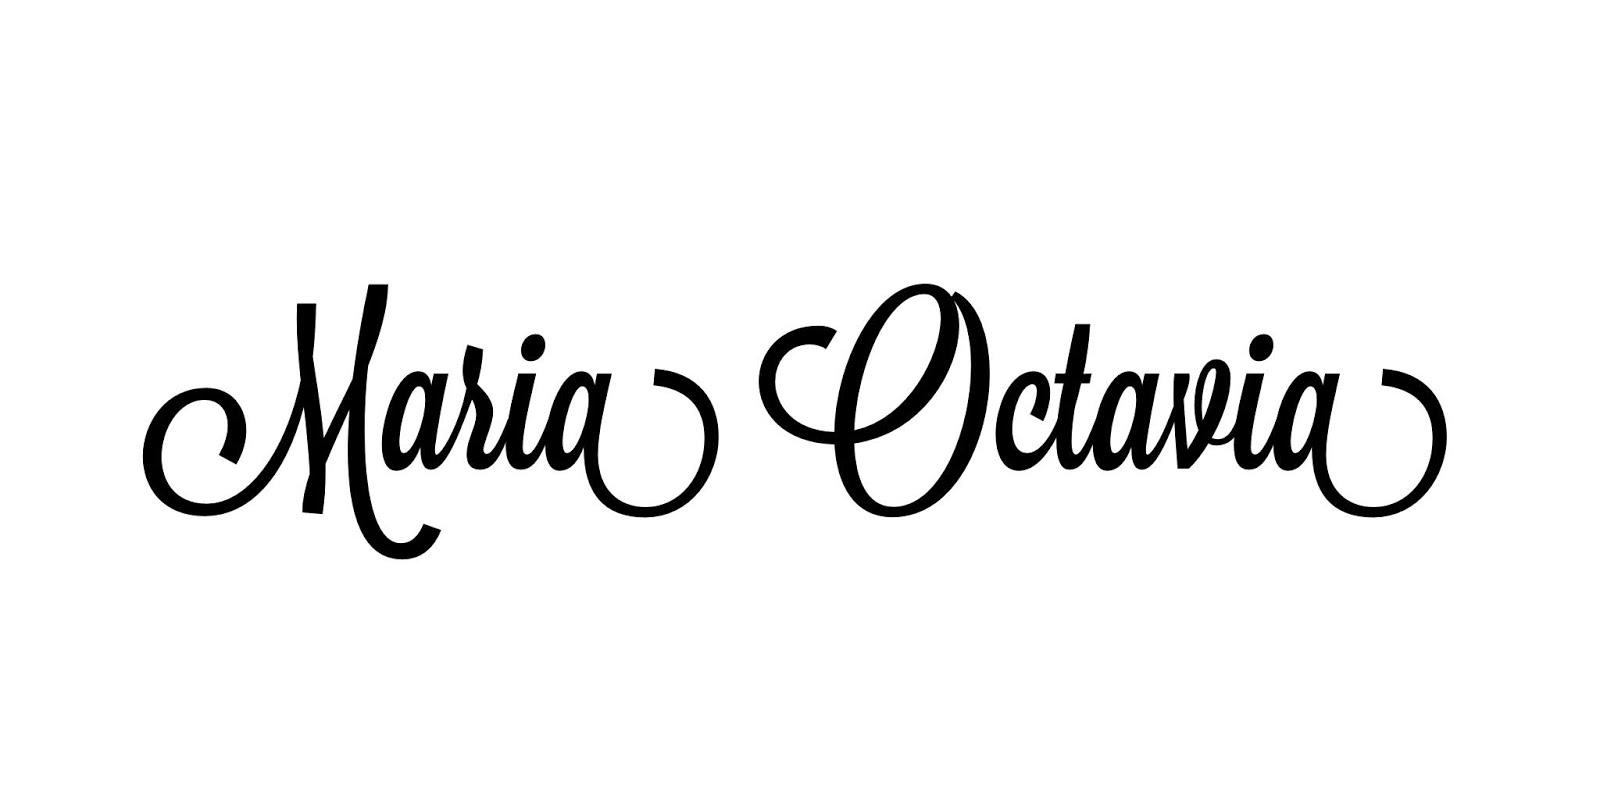 Maria Octavia